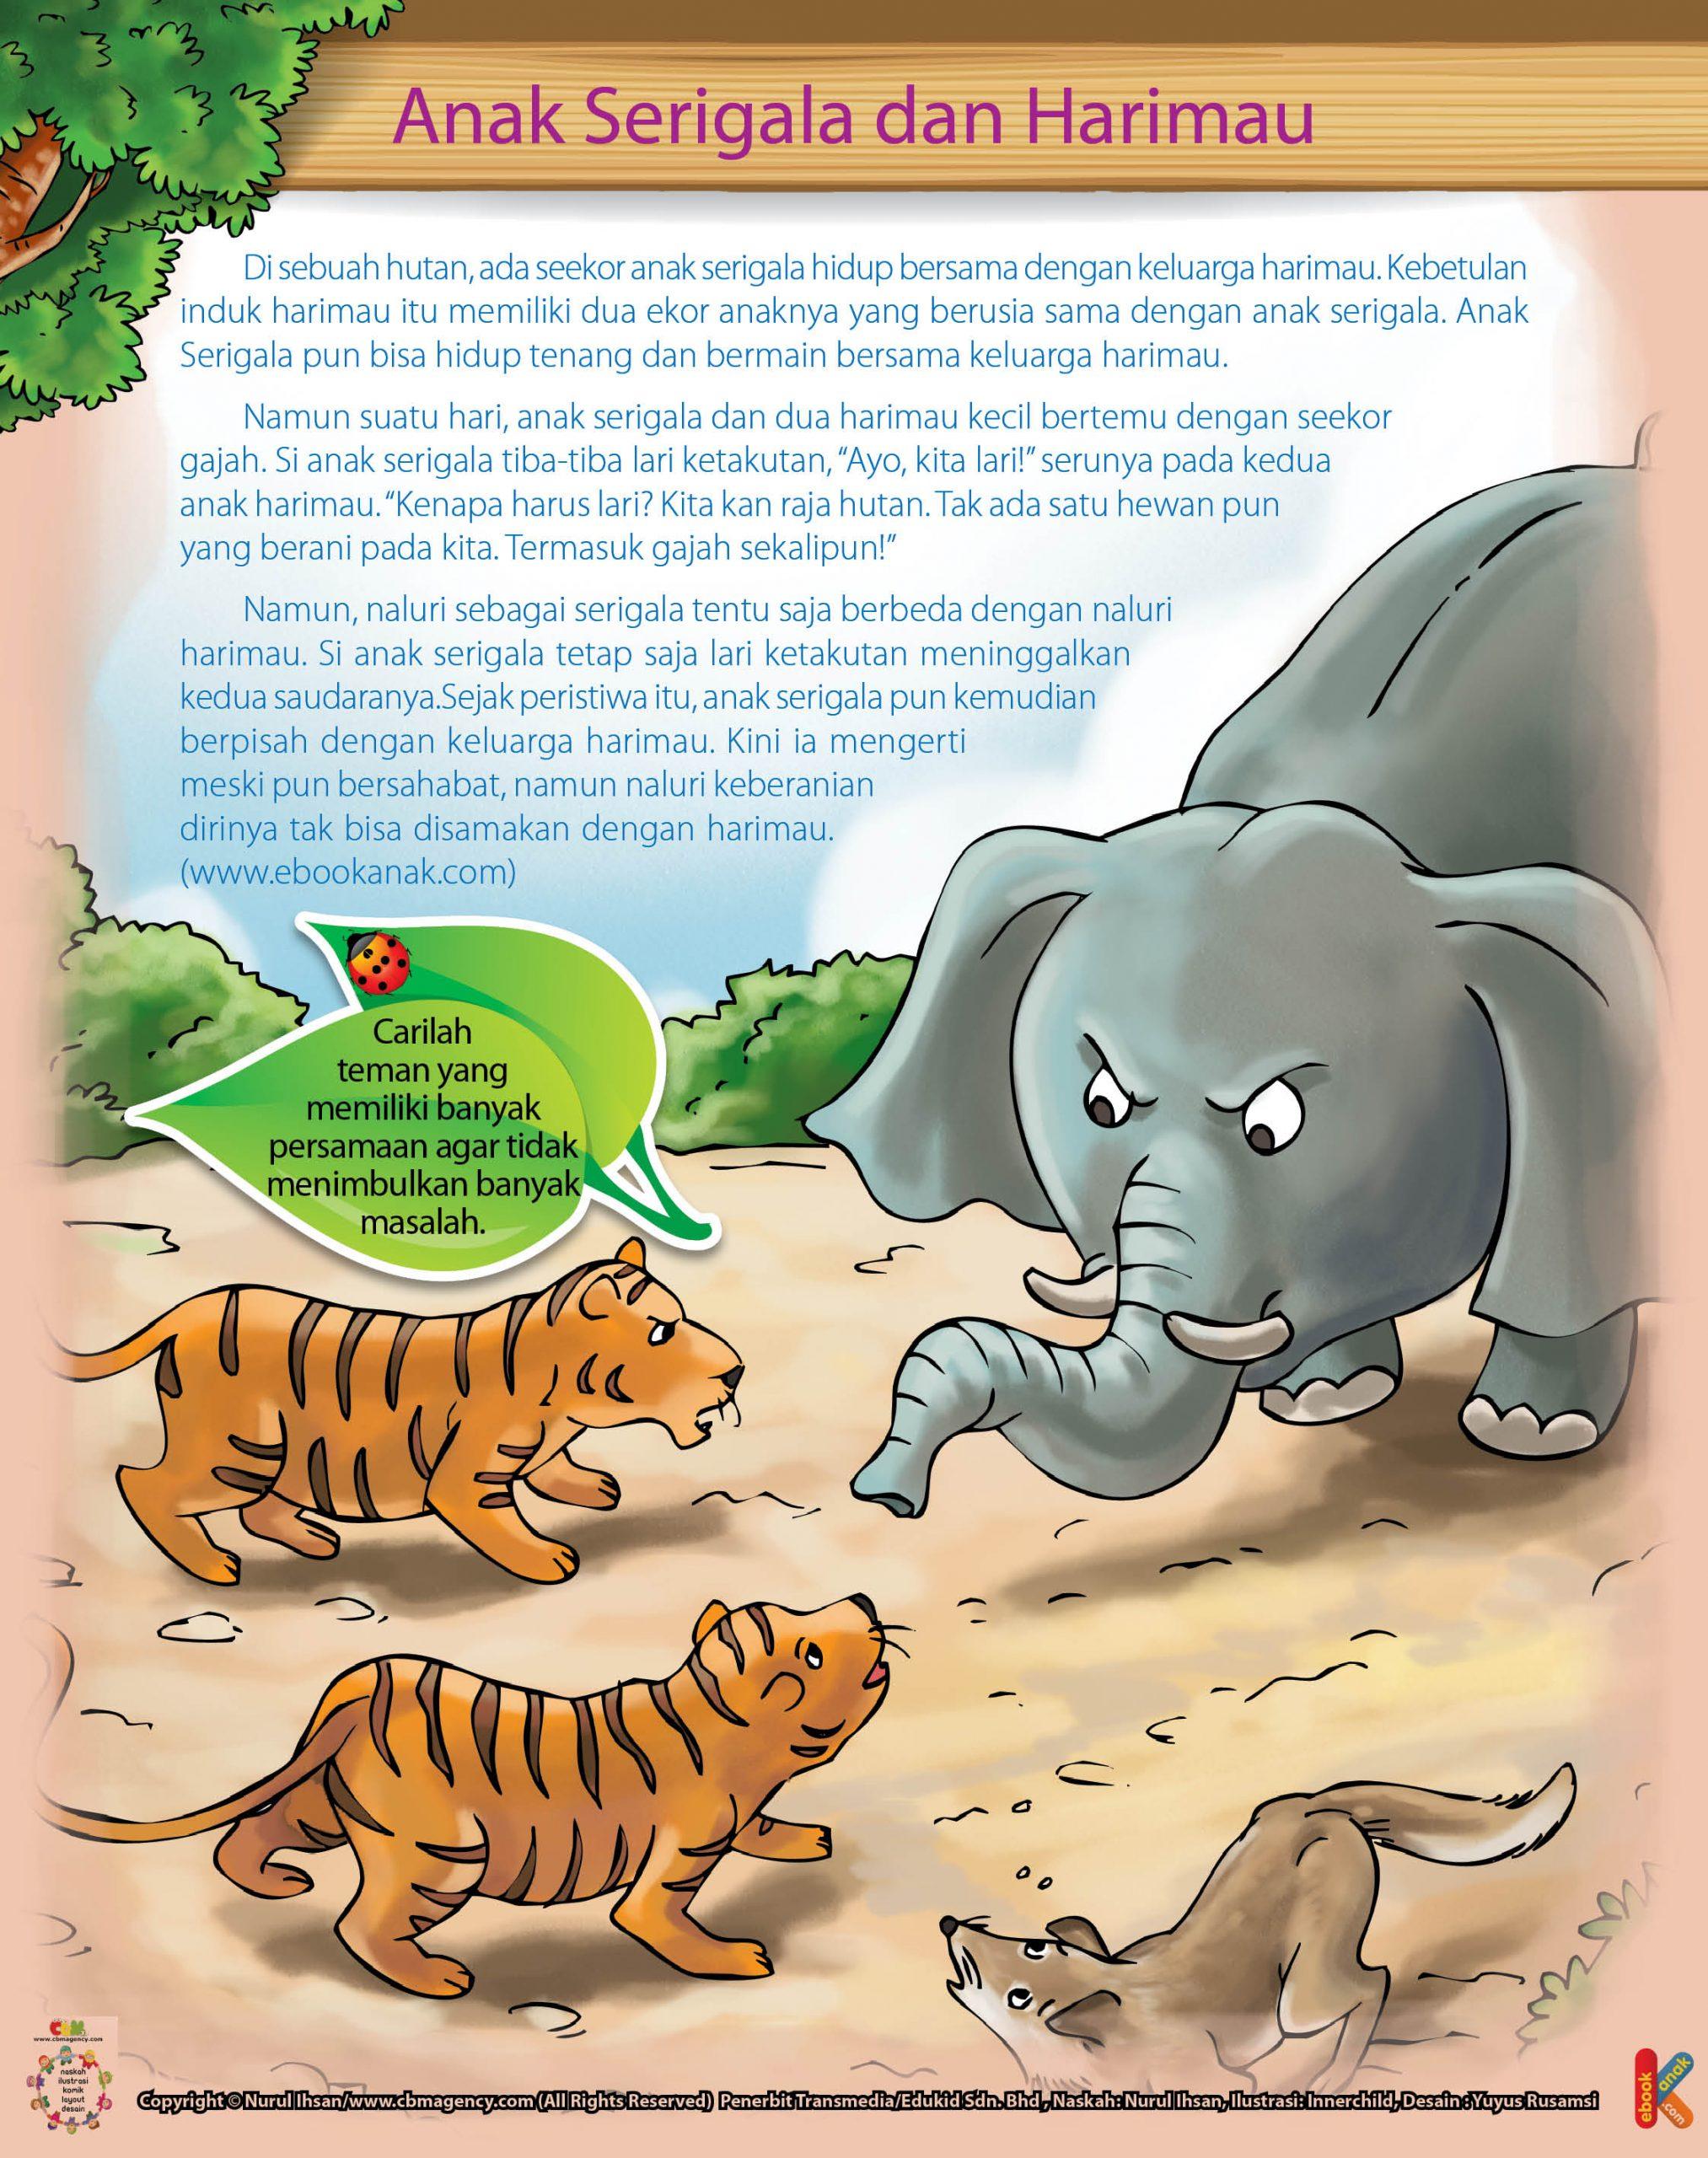 Namun suatu hari, anak serigala dan dua harimau kecil bertemu dengan seekor gajah.